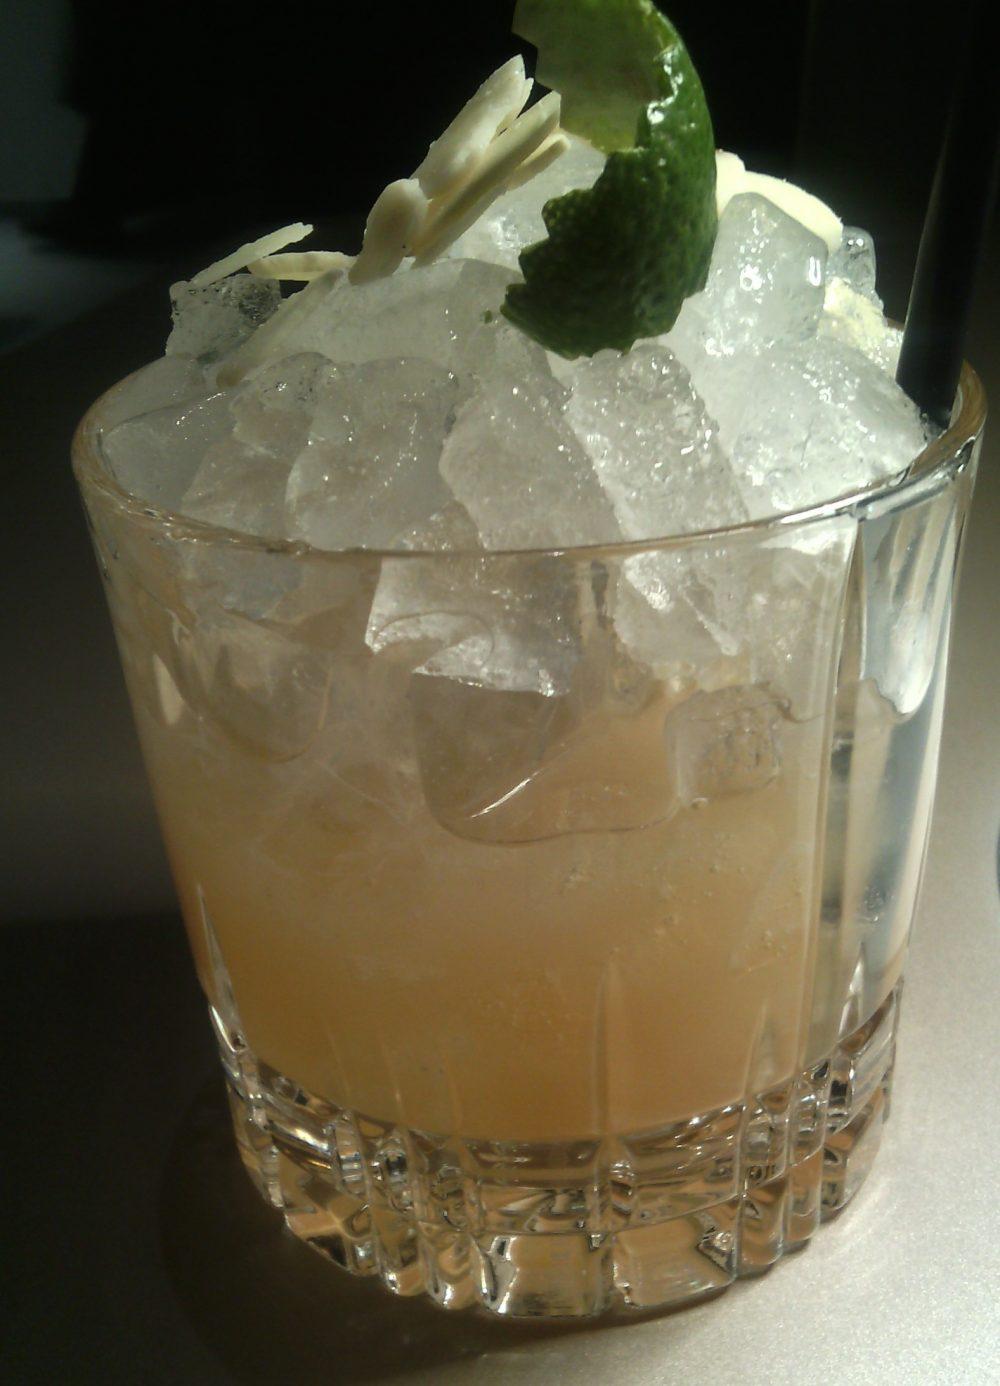 Identita' golose, il cocktail in abbinamento - Trinacria MAI TAI - Spremuta di arancia bionda, orzata home made, spremuta di bergamotto, Cognac Hennessy V.S., dry curacao